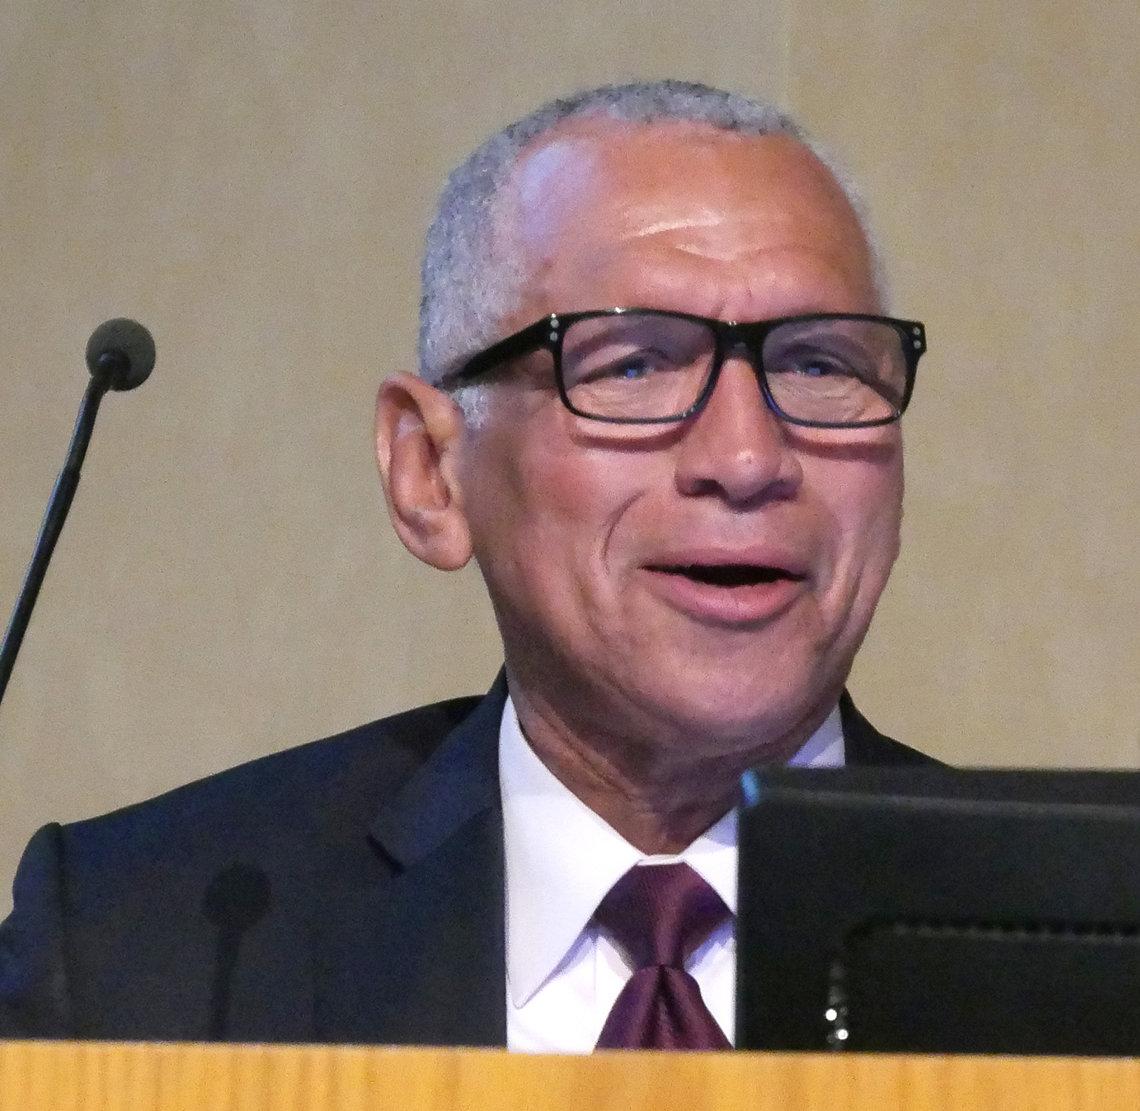 Bolden speaks at NIH.